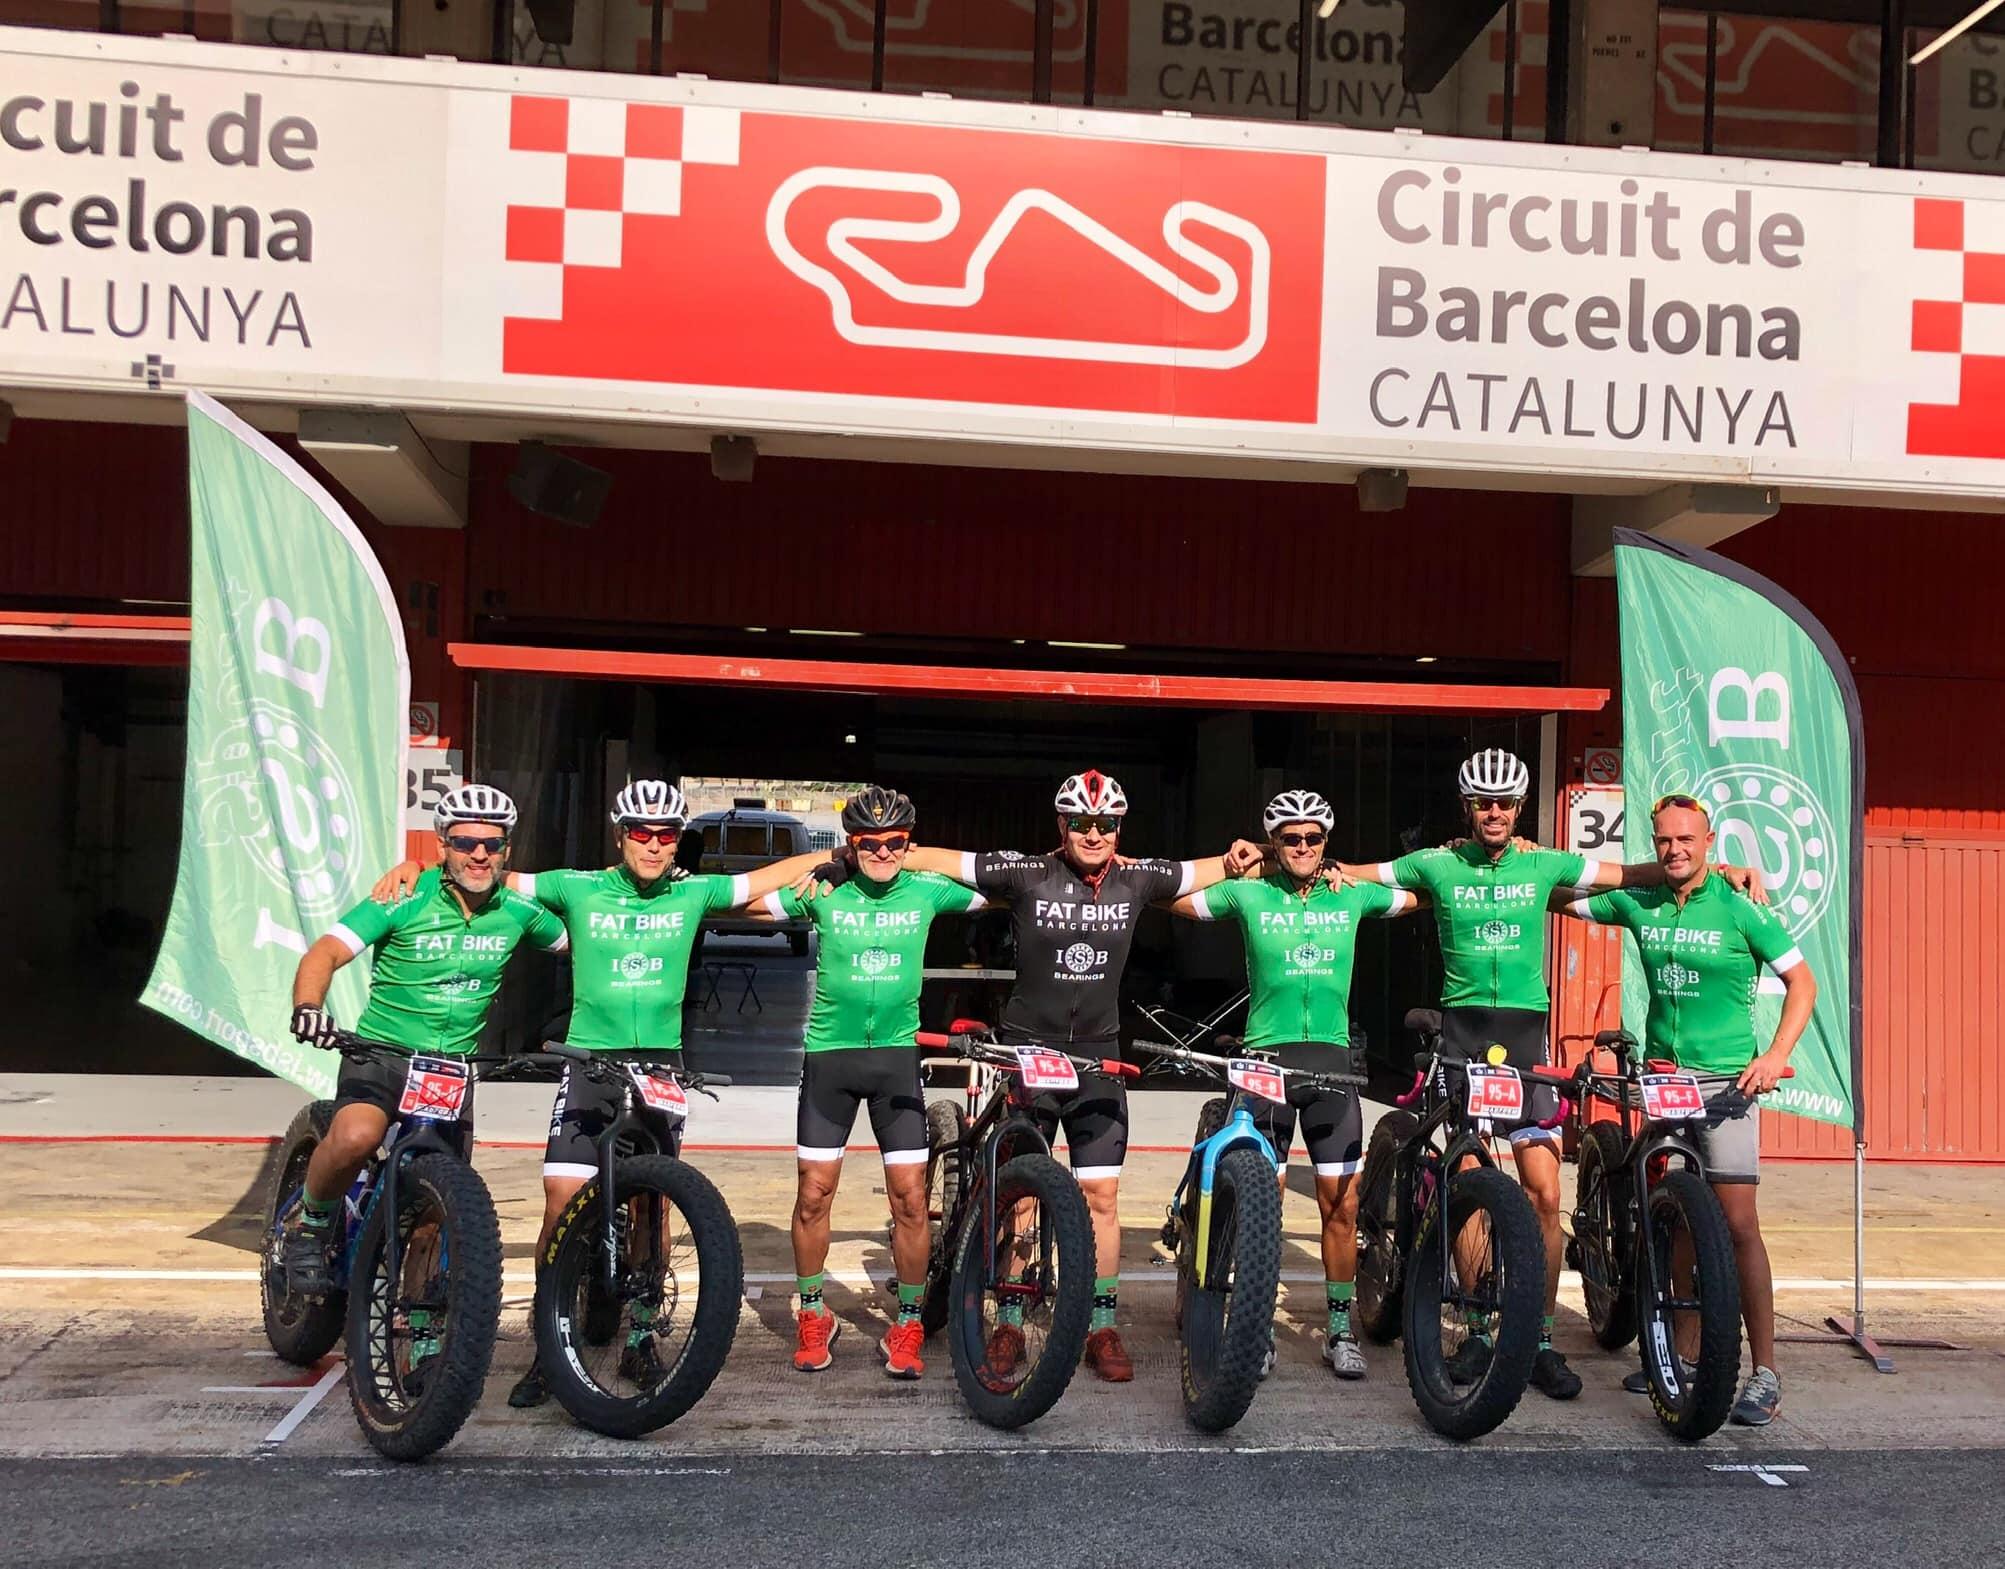 ISB Sport Fat Bike Barcelona Gran Fondo 24h Montmelo (11)